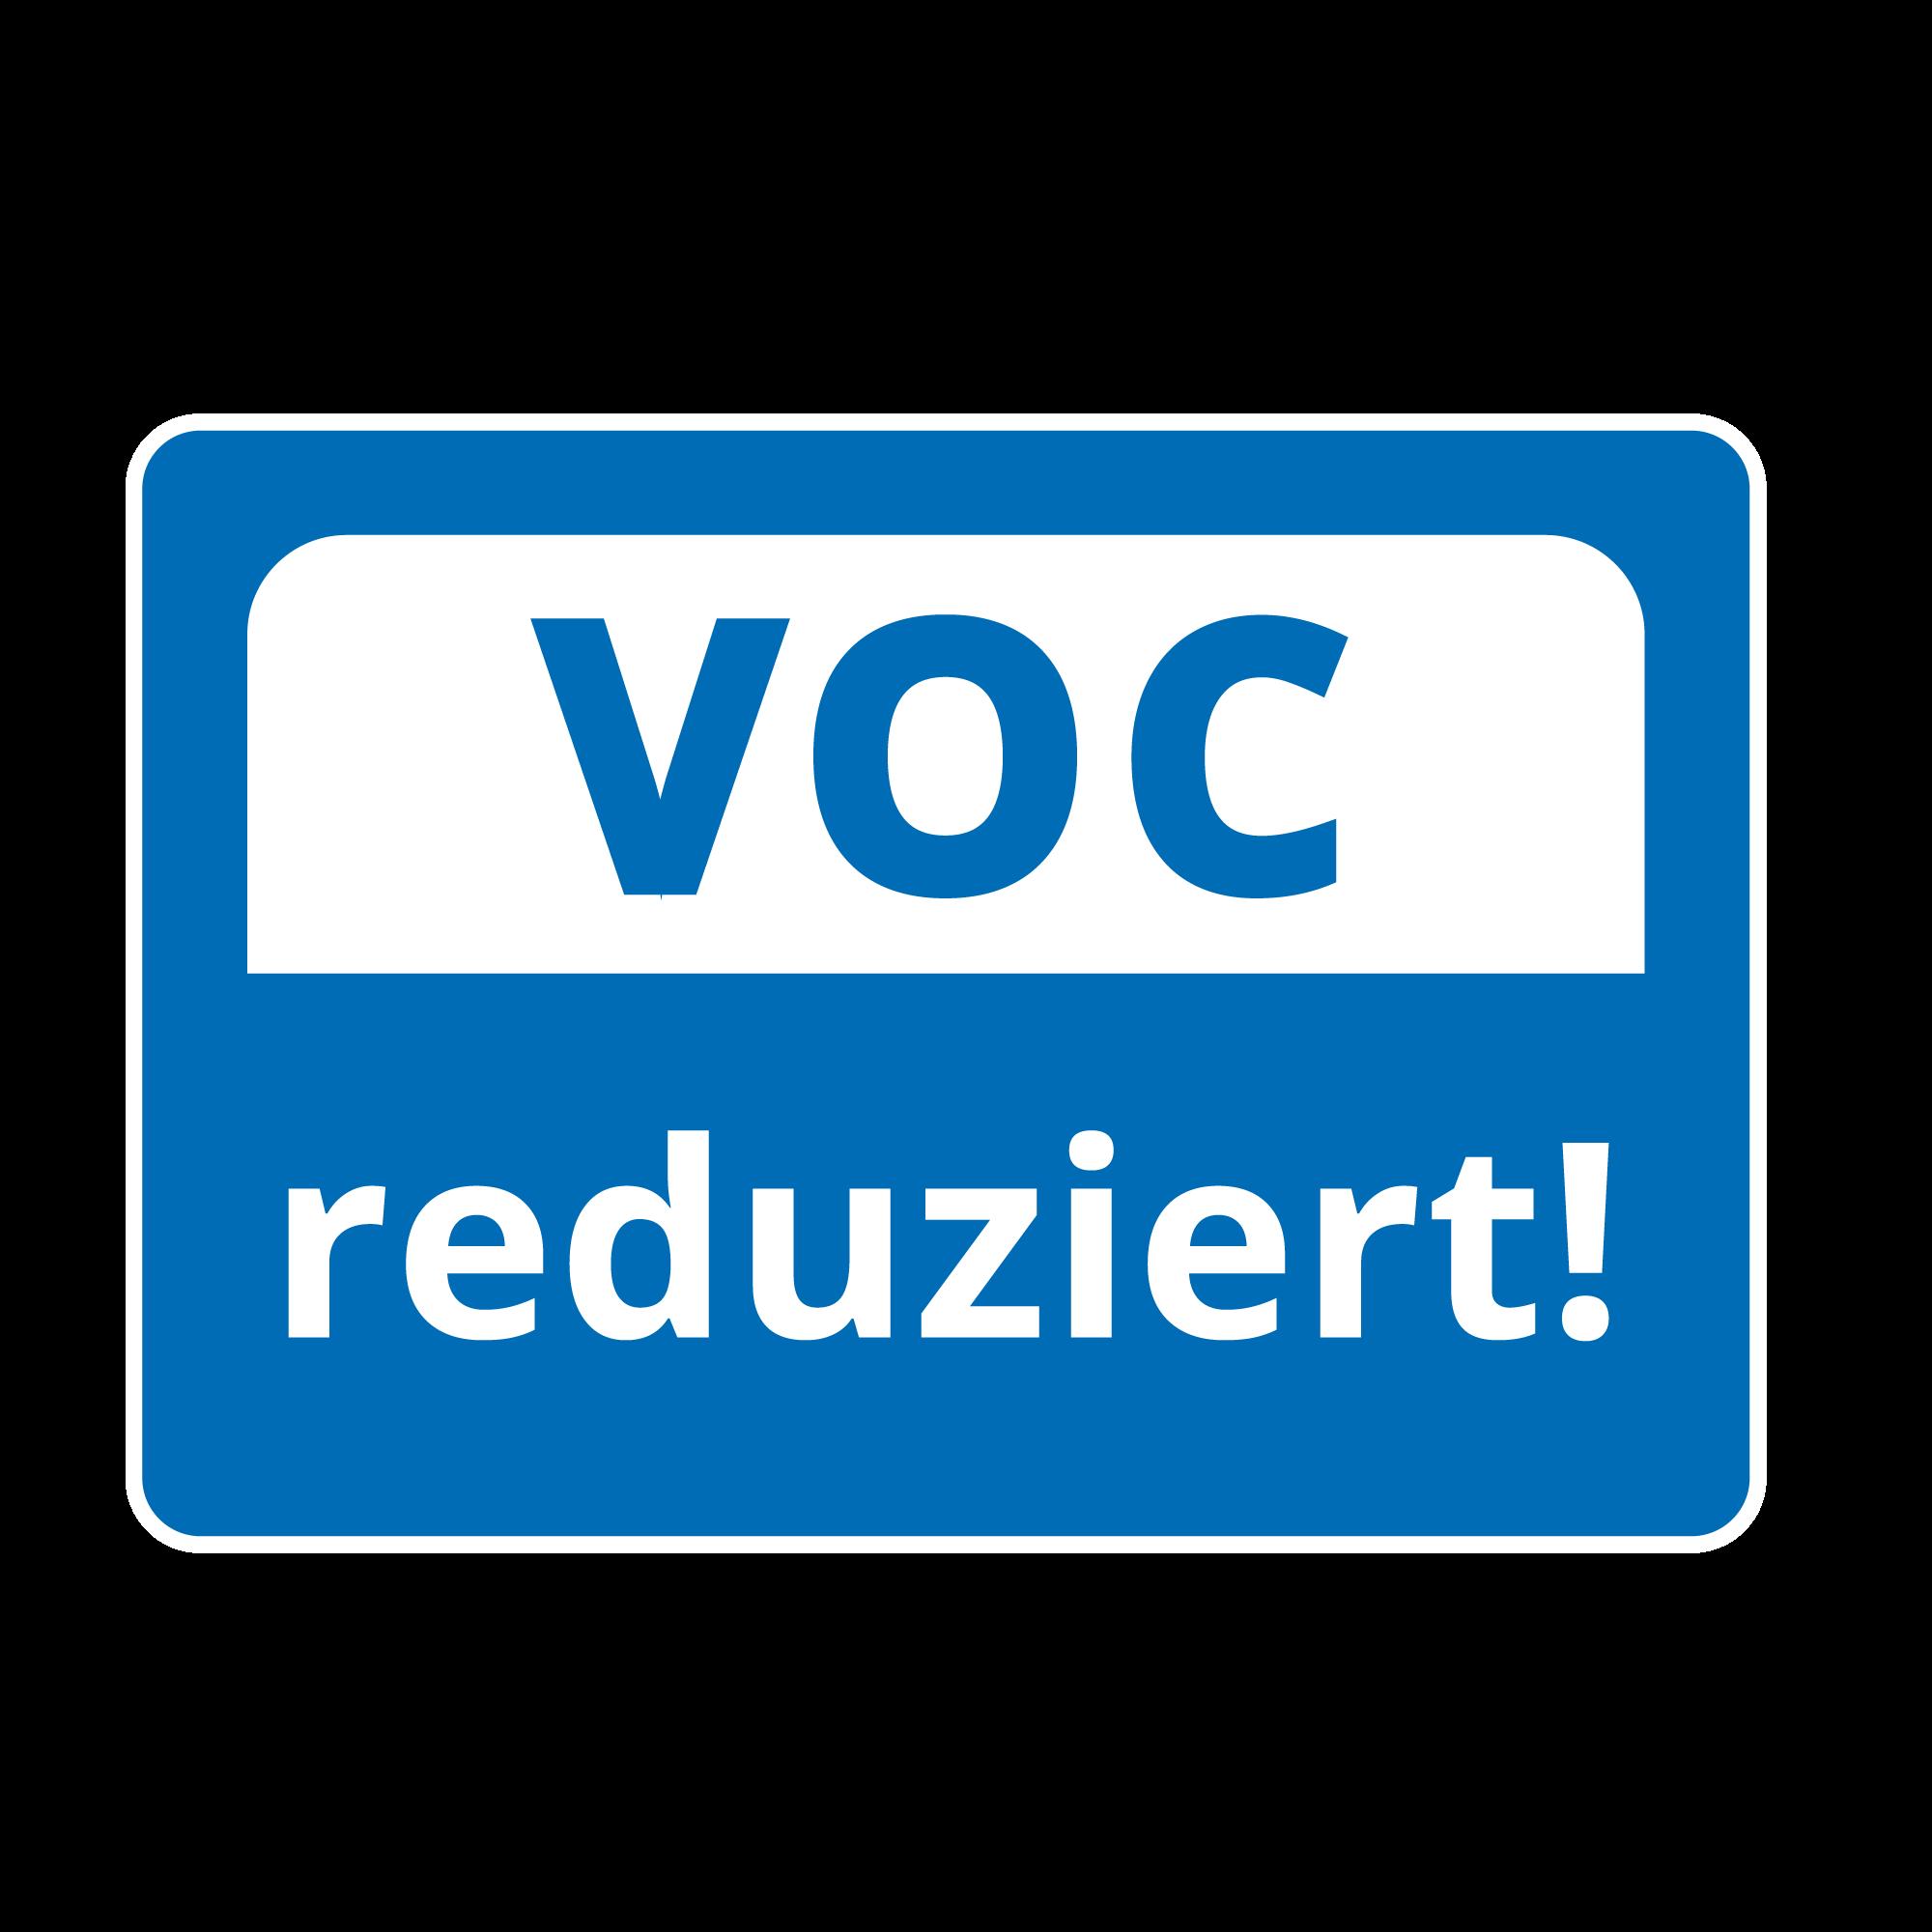 VOC reduziert!